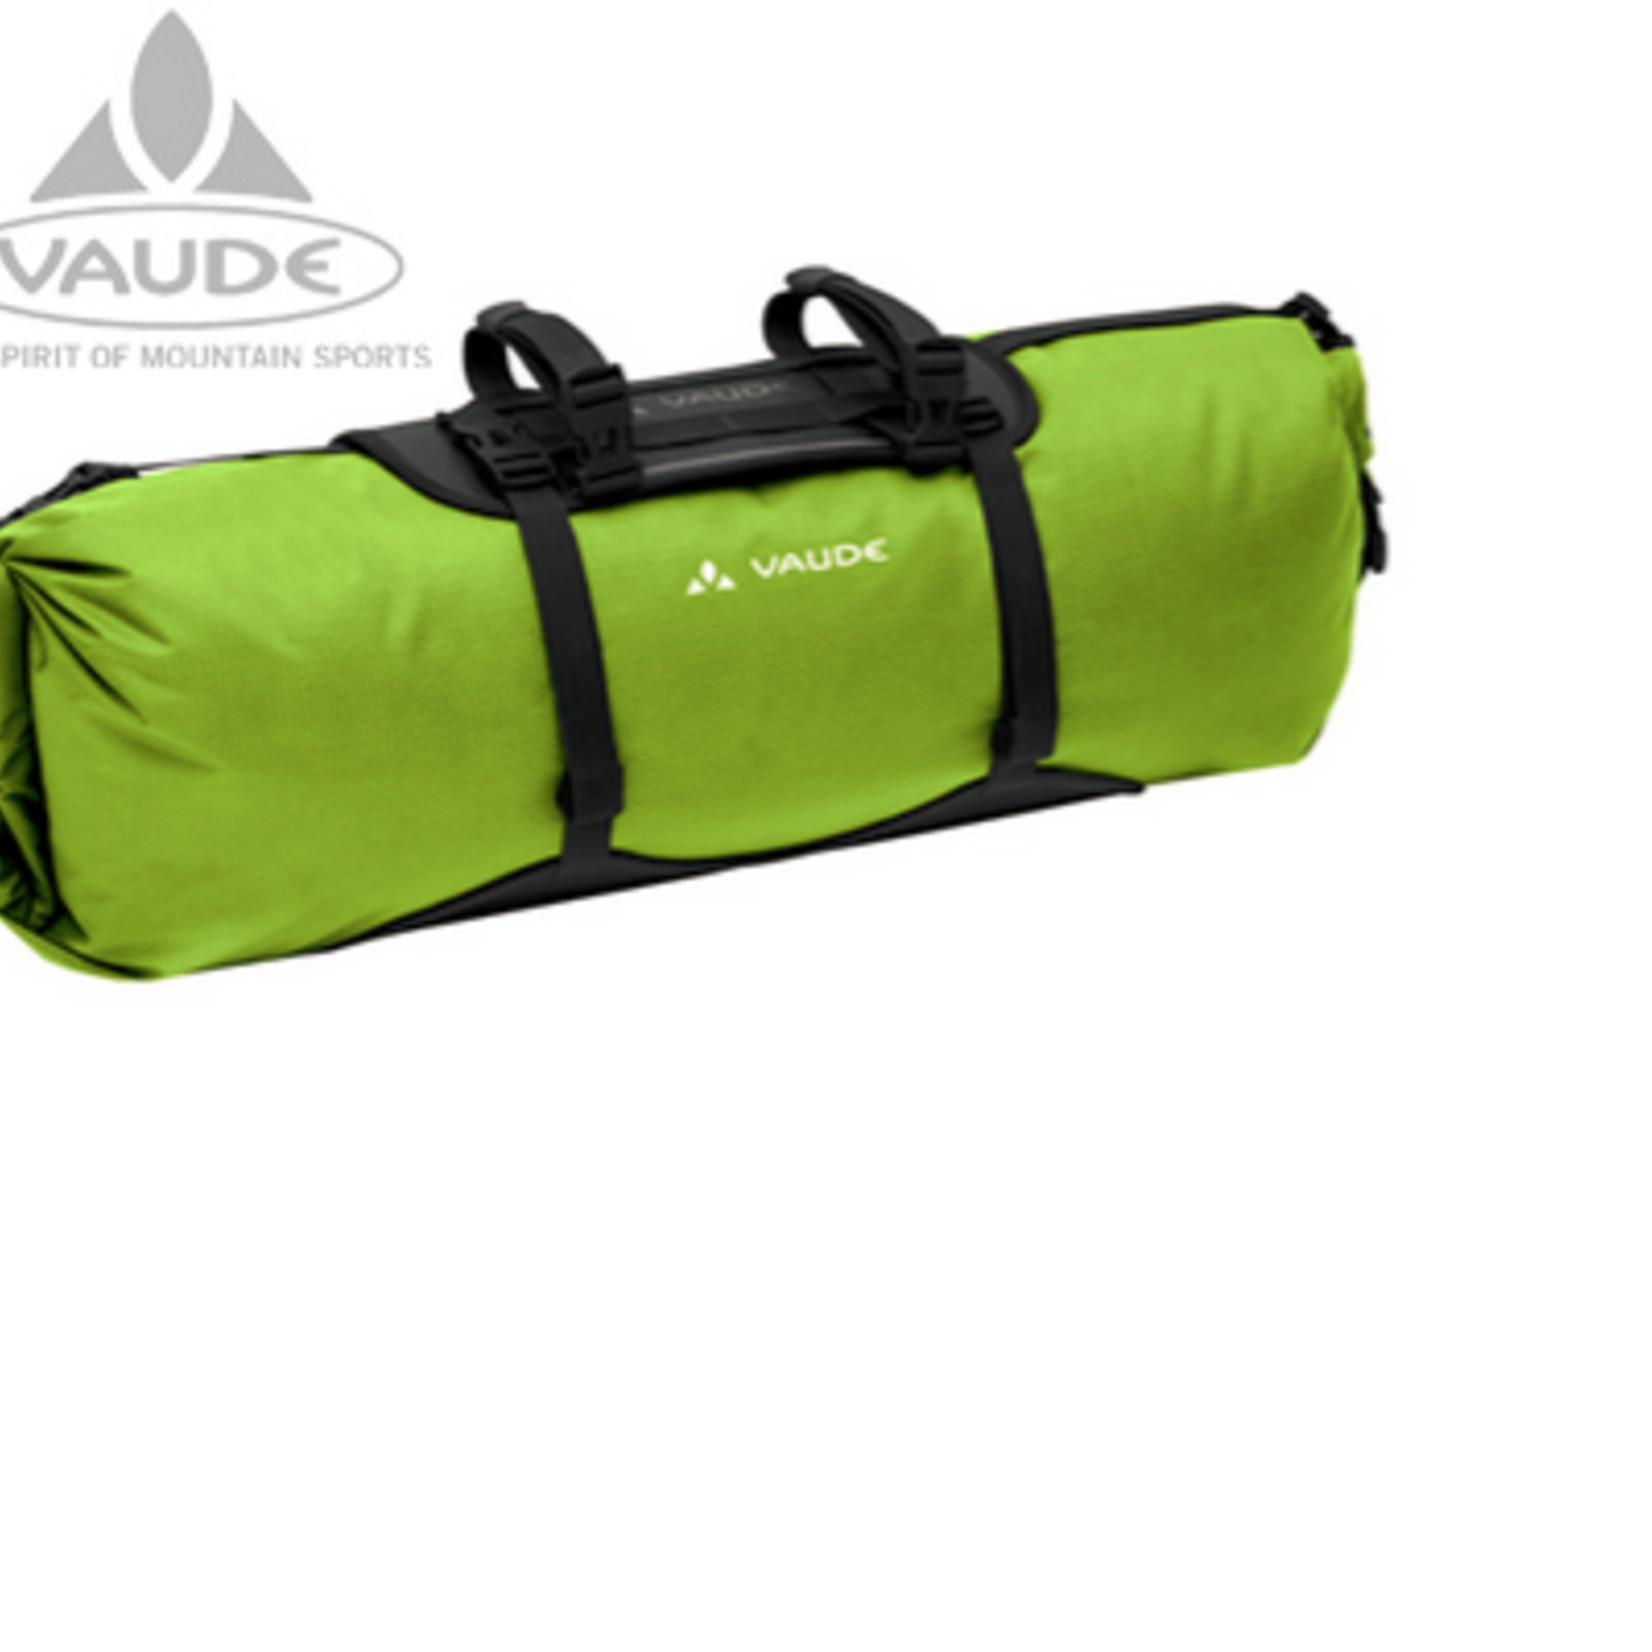 Vaude VAUDE Trailfront